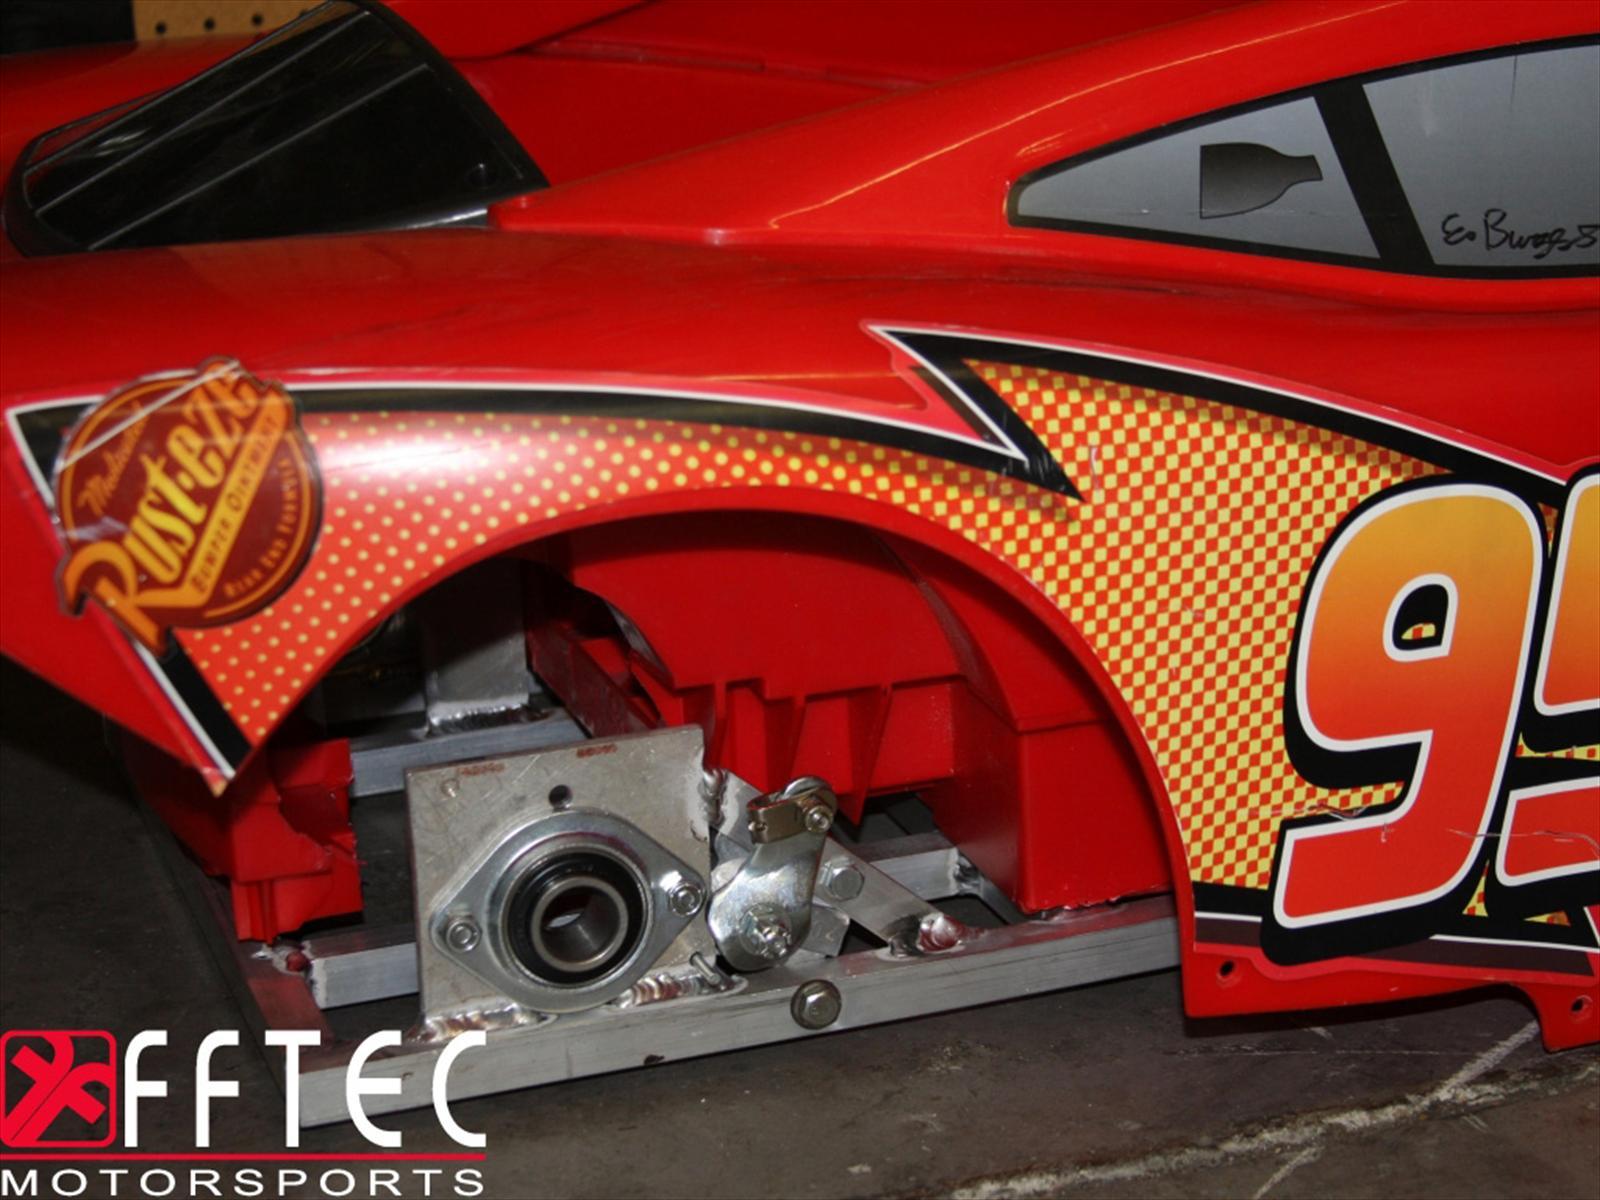 Auto De Juguete Modificado Por Fftec Motorsports Autocosmos Com